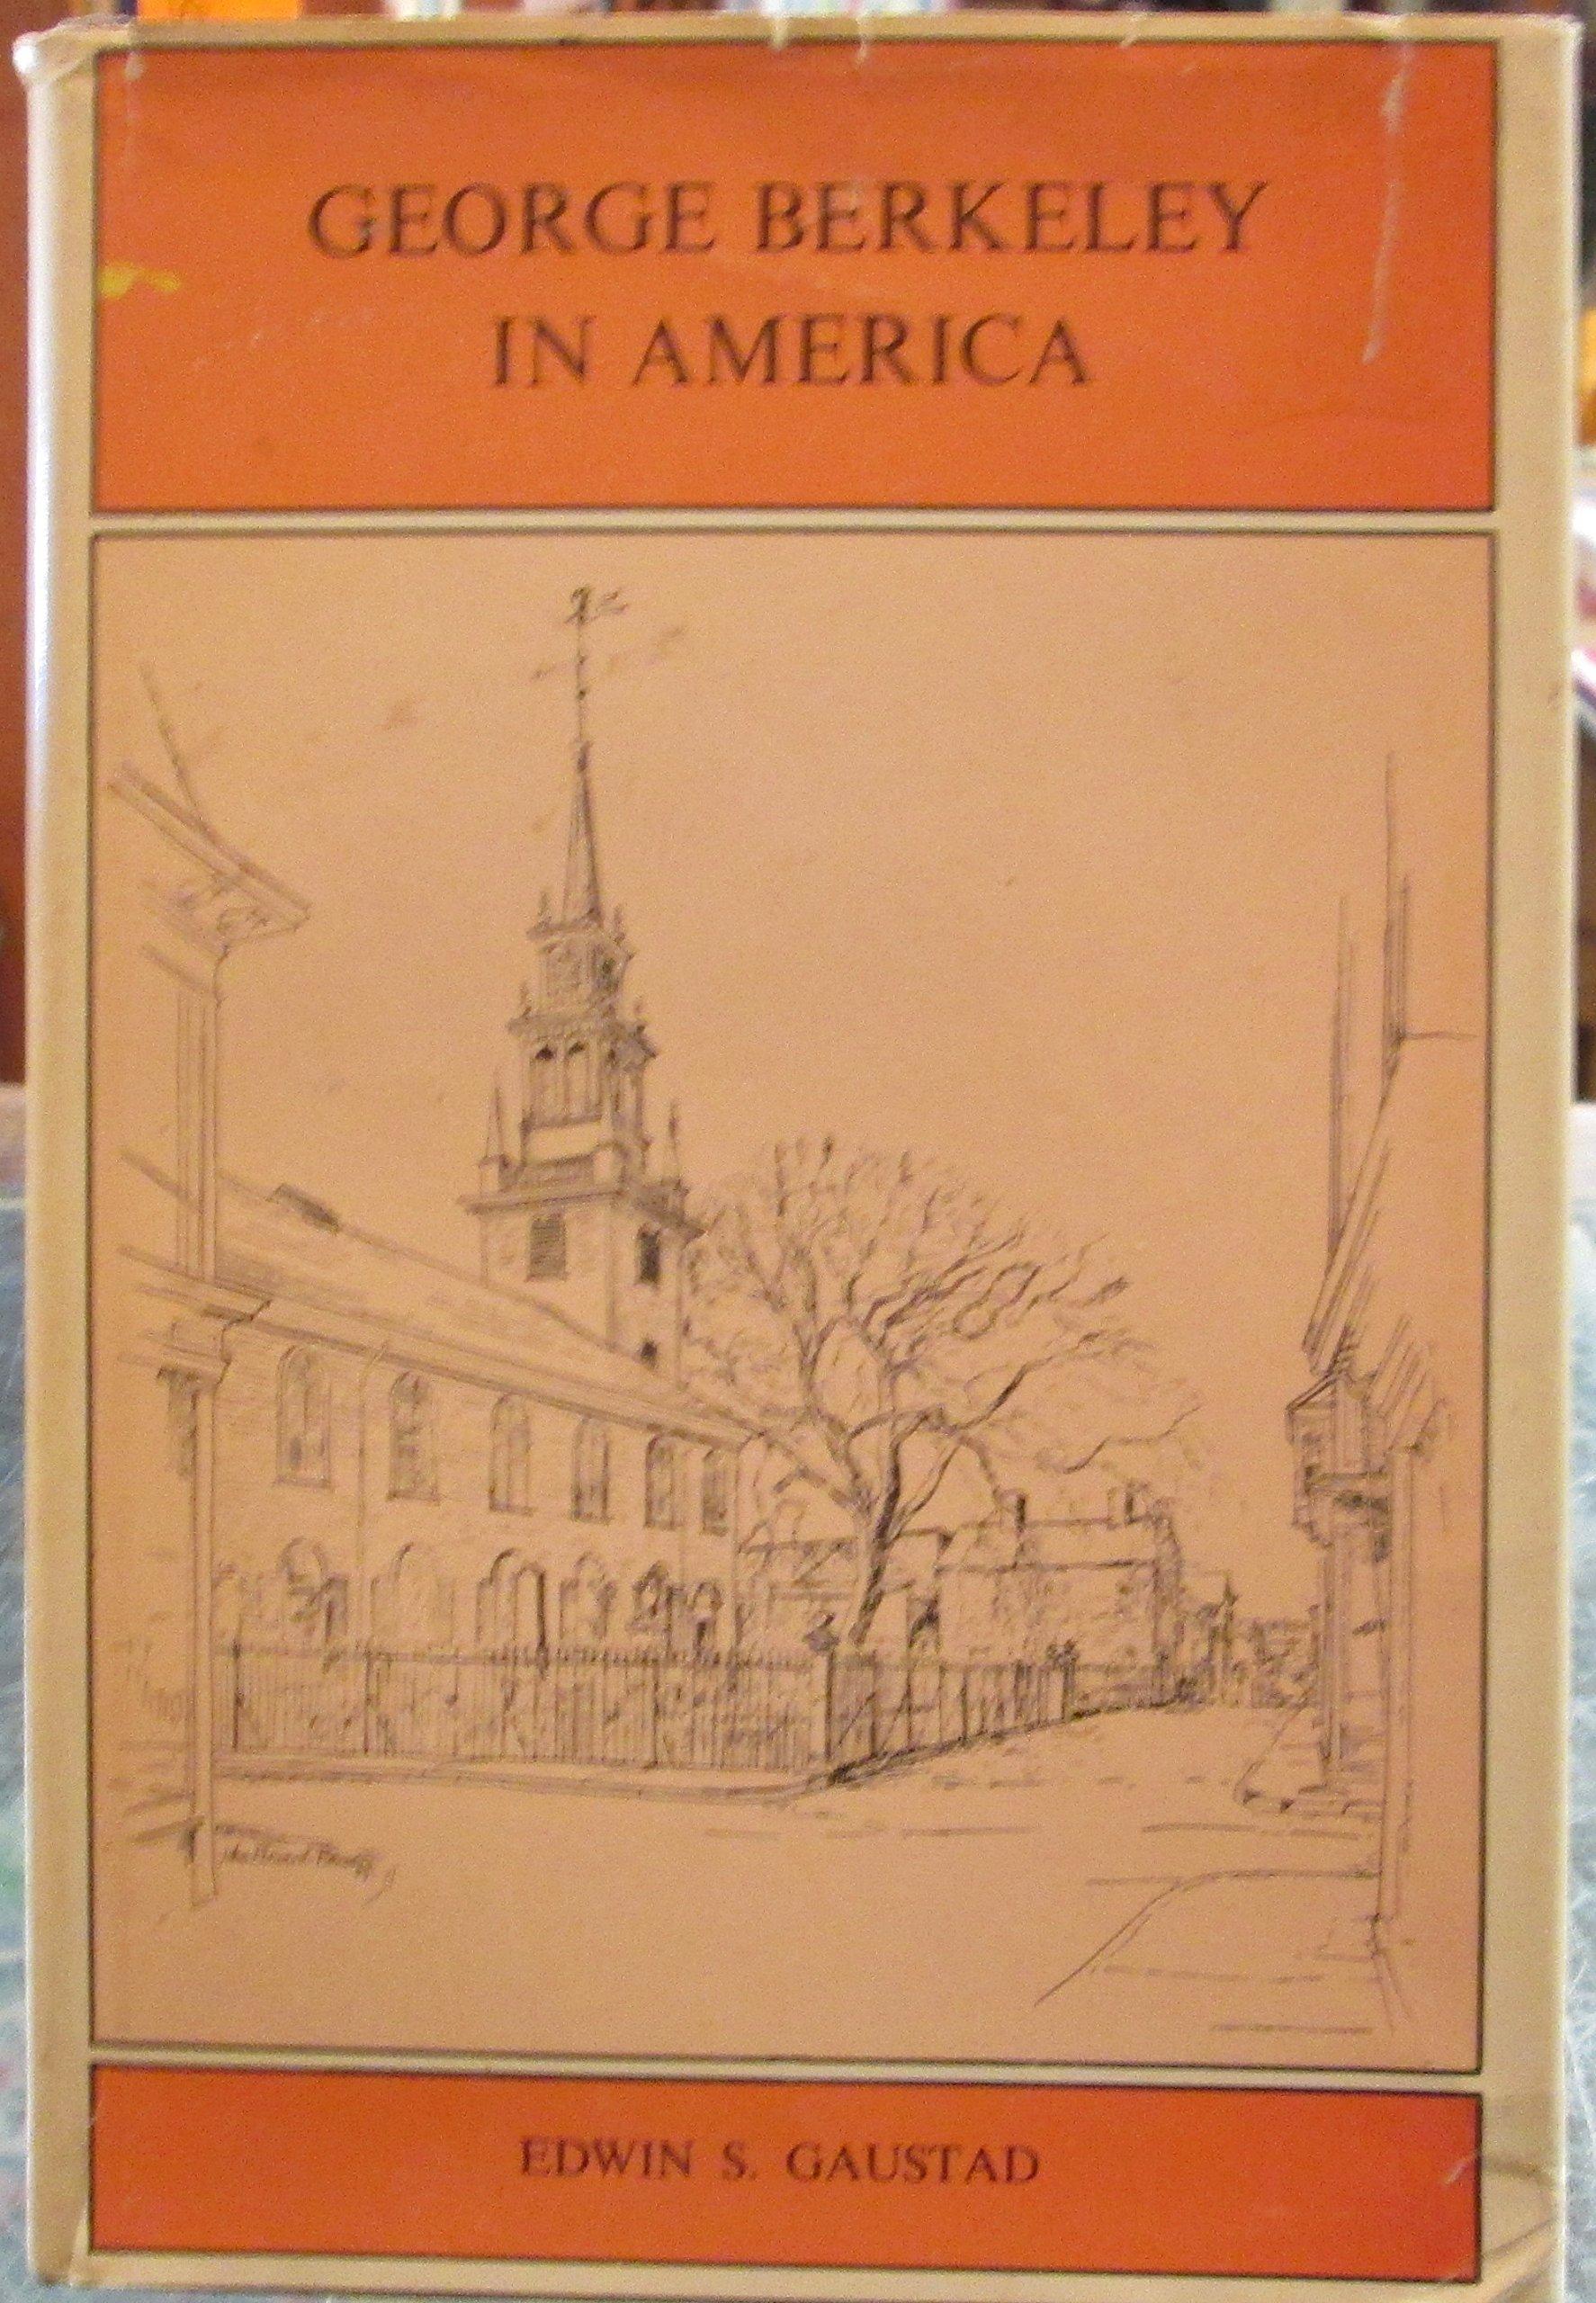 George Berkeley in America